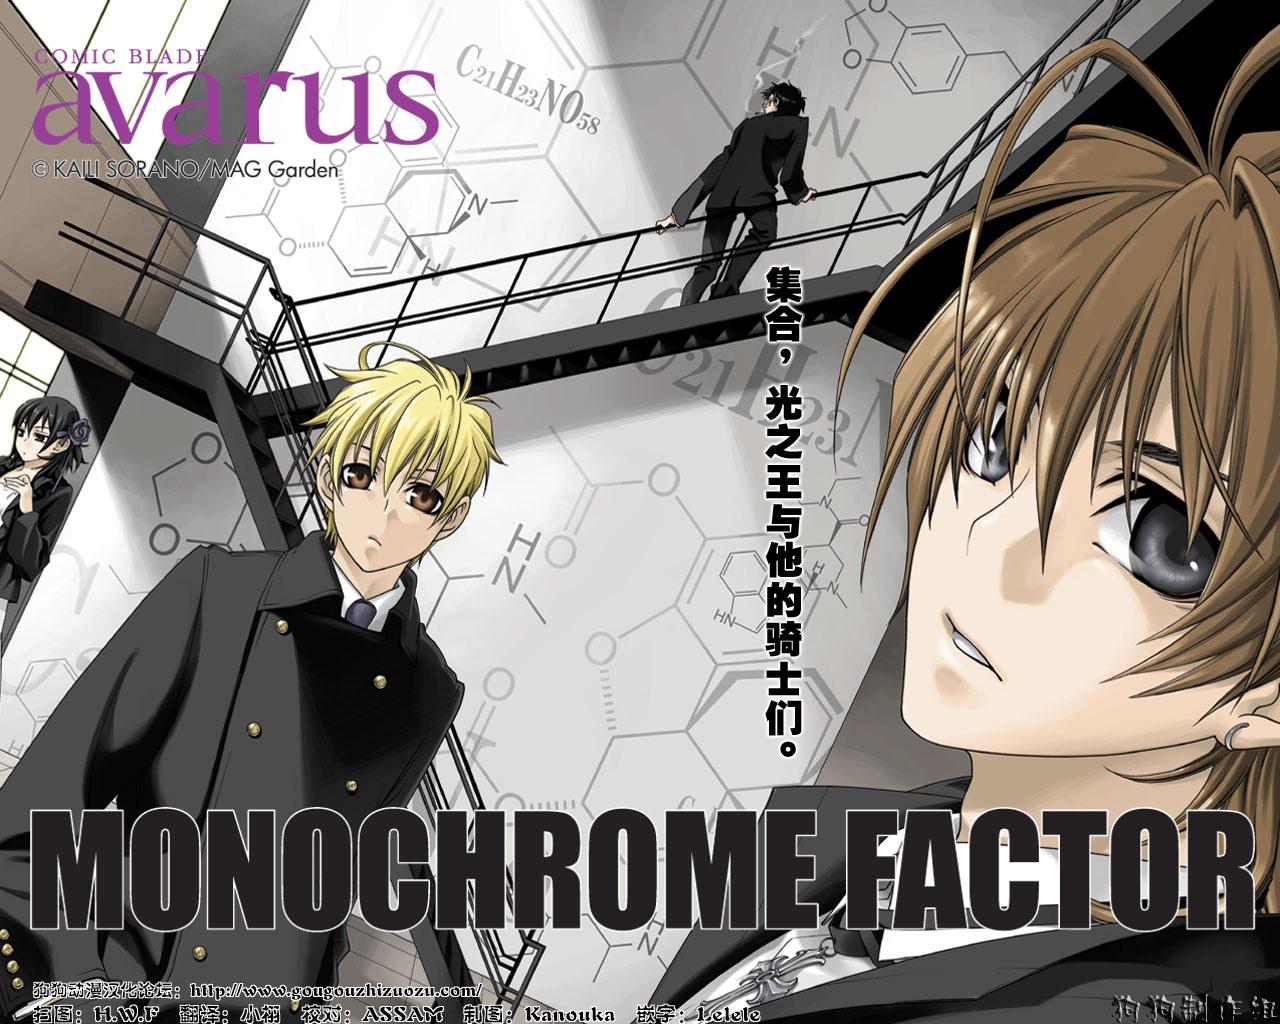 Monochrome Factor Akira Nikaido: Monochrome Factor/#72190